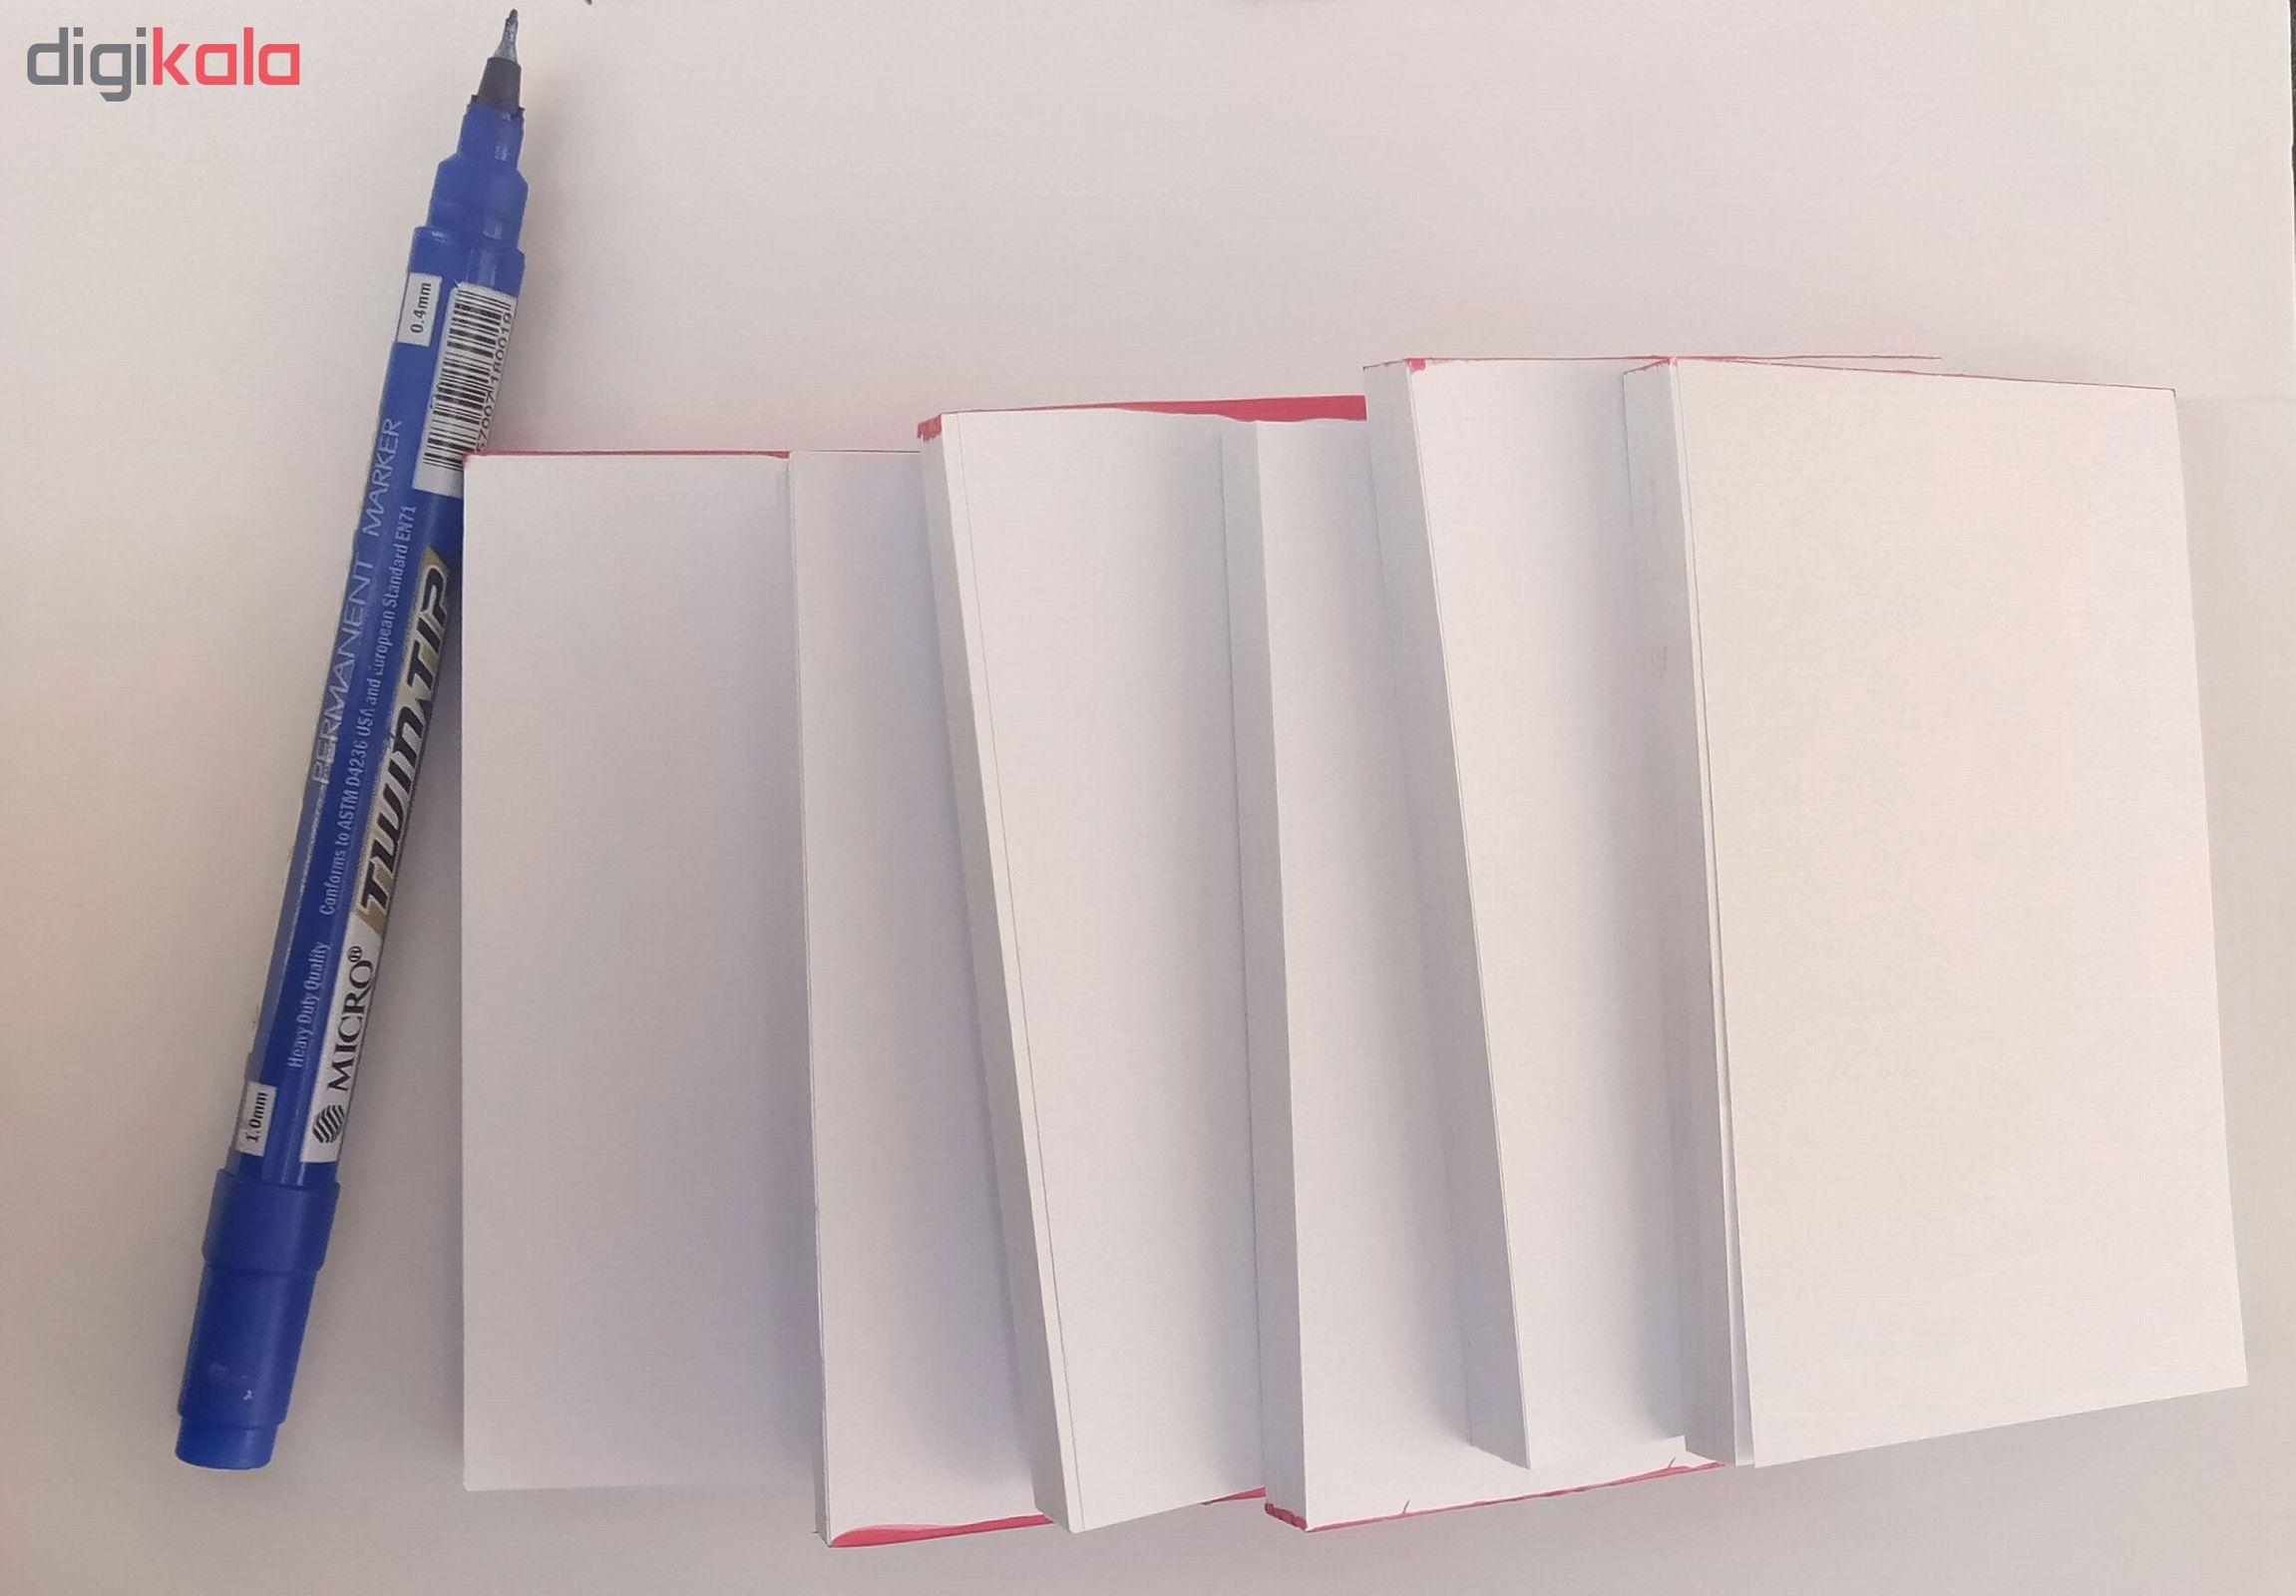 کاغذ یادداشت گوهران مدل 6.10 بسته 6 عددی main 1 1